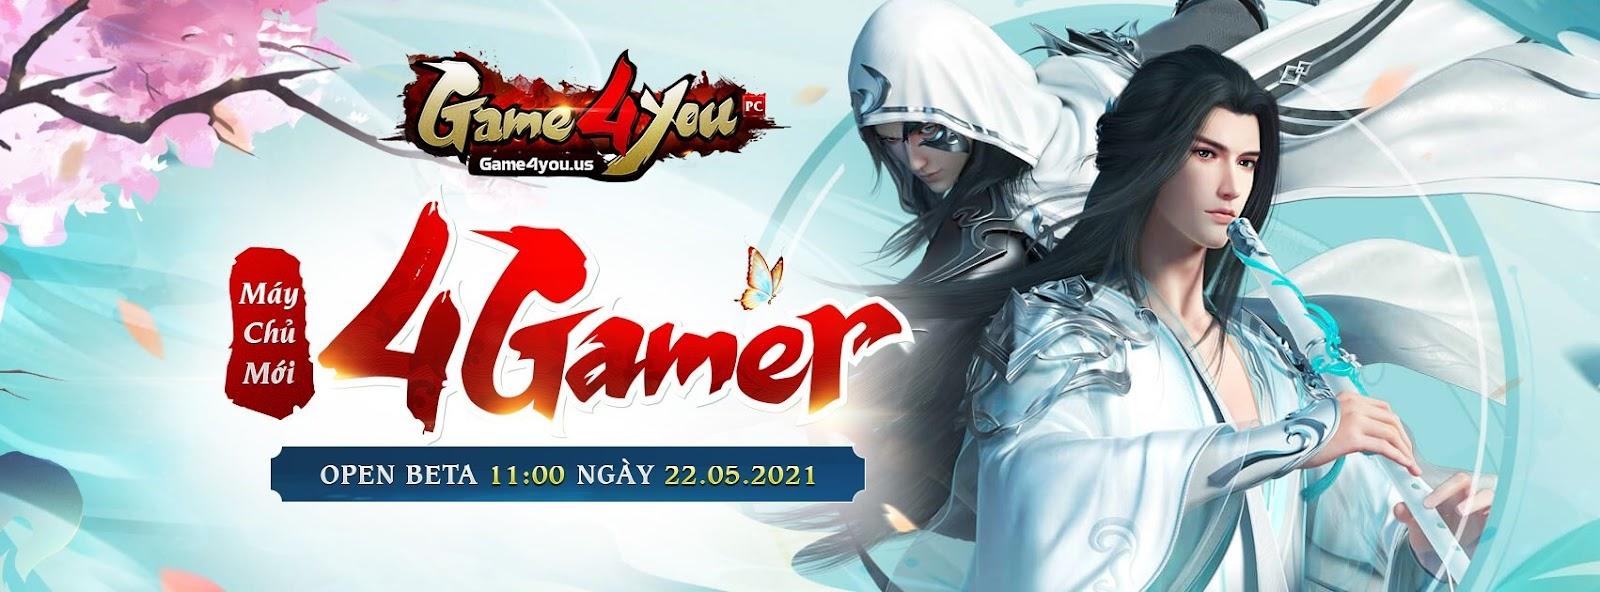 Thiên Long Game4You tung Landing page cho máy chủ mới 4Gamer 1